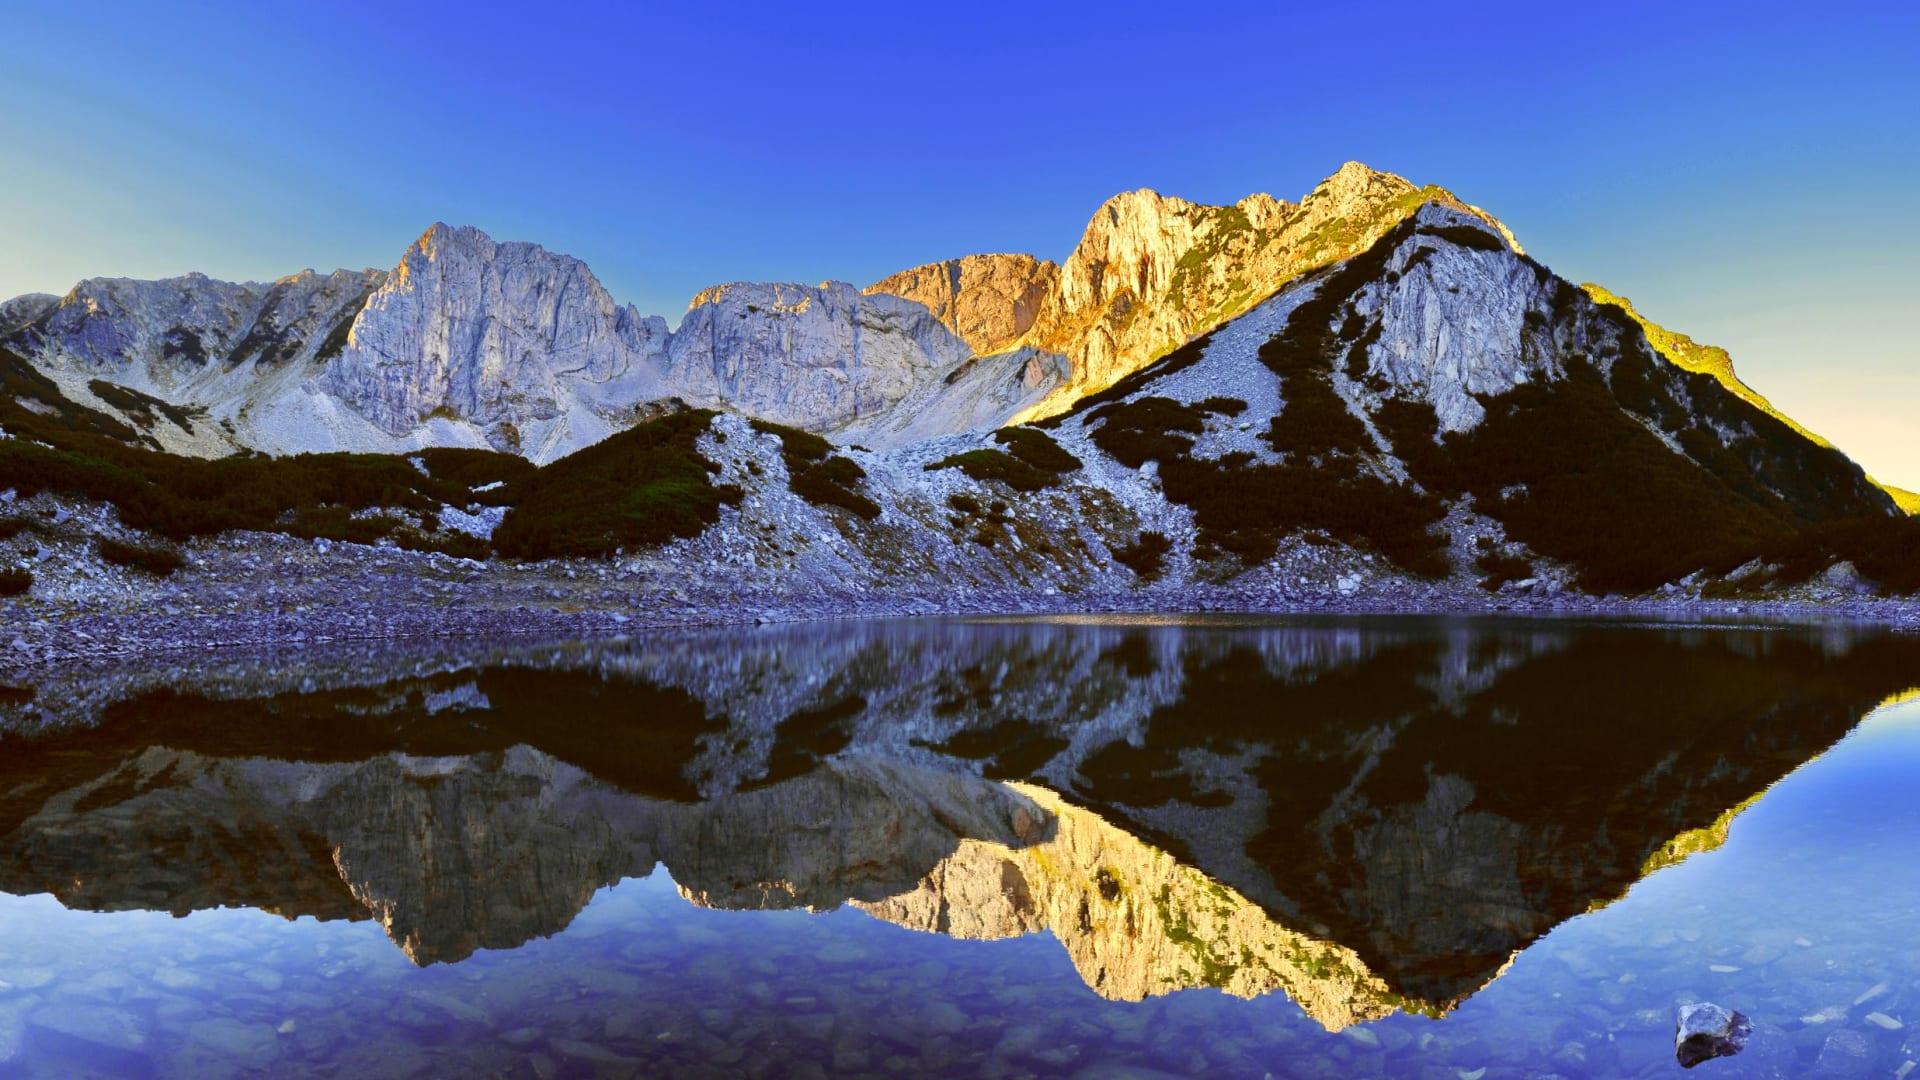 منها بحيرة وردية.. إليك أفضل ما يمكنك استكشافه في واحدة من أقدم دول أوروبا